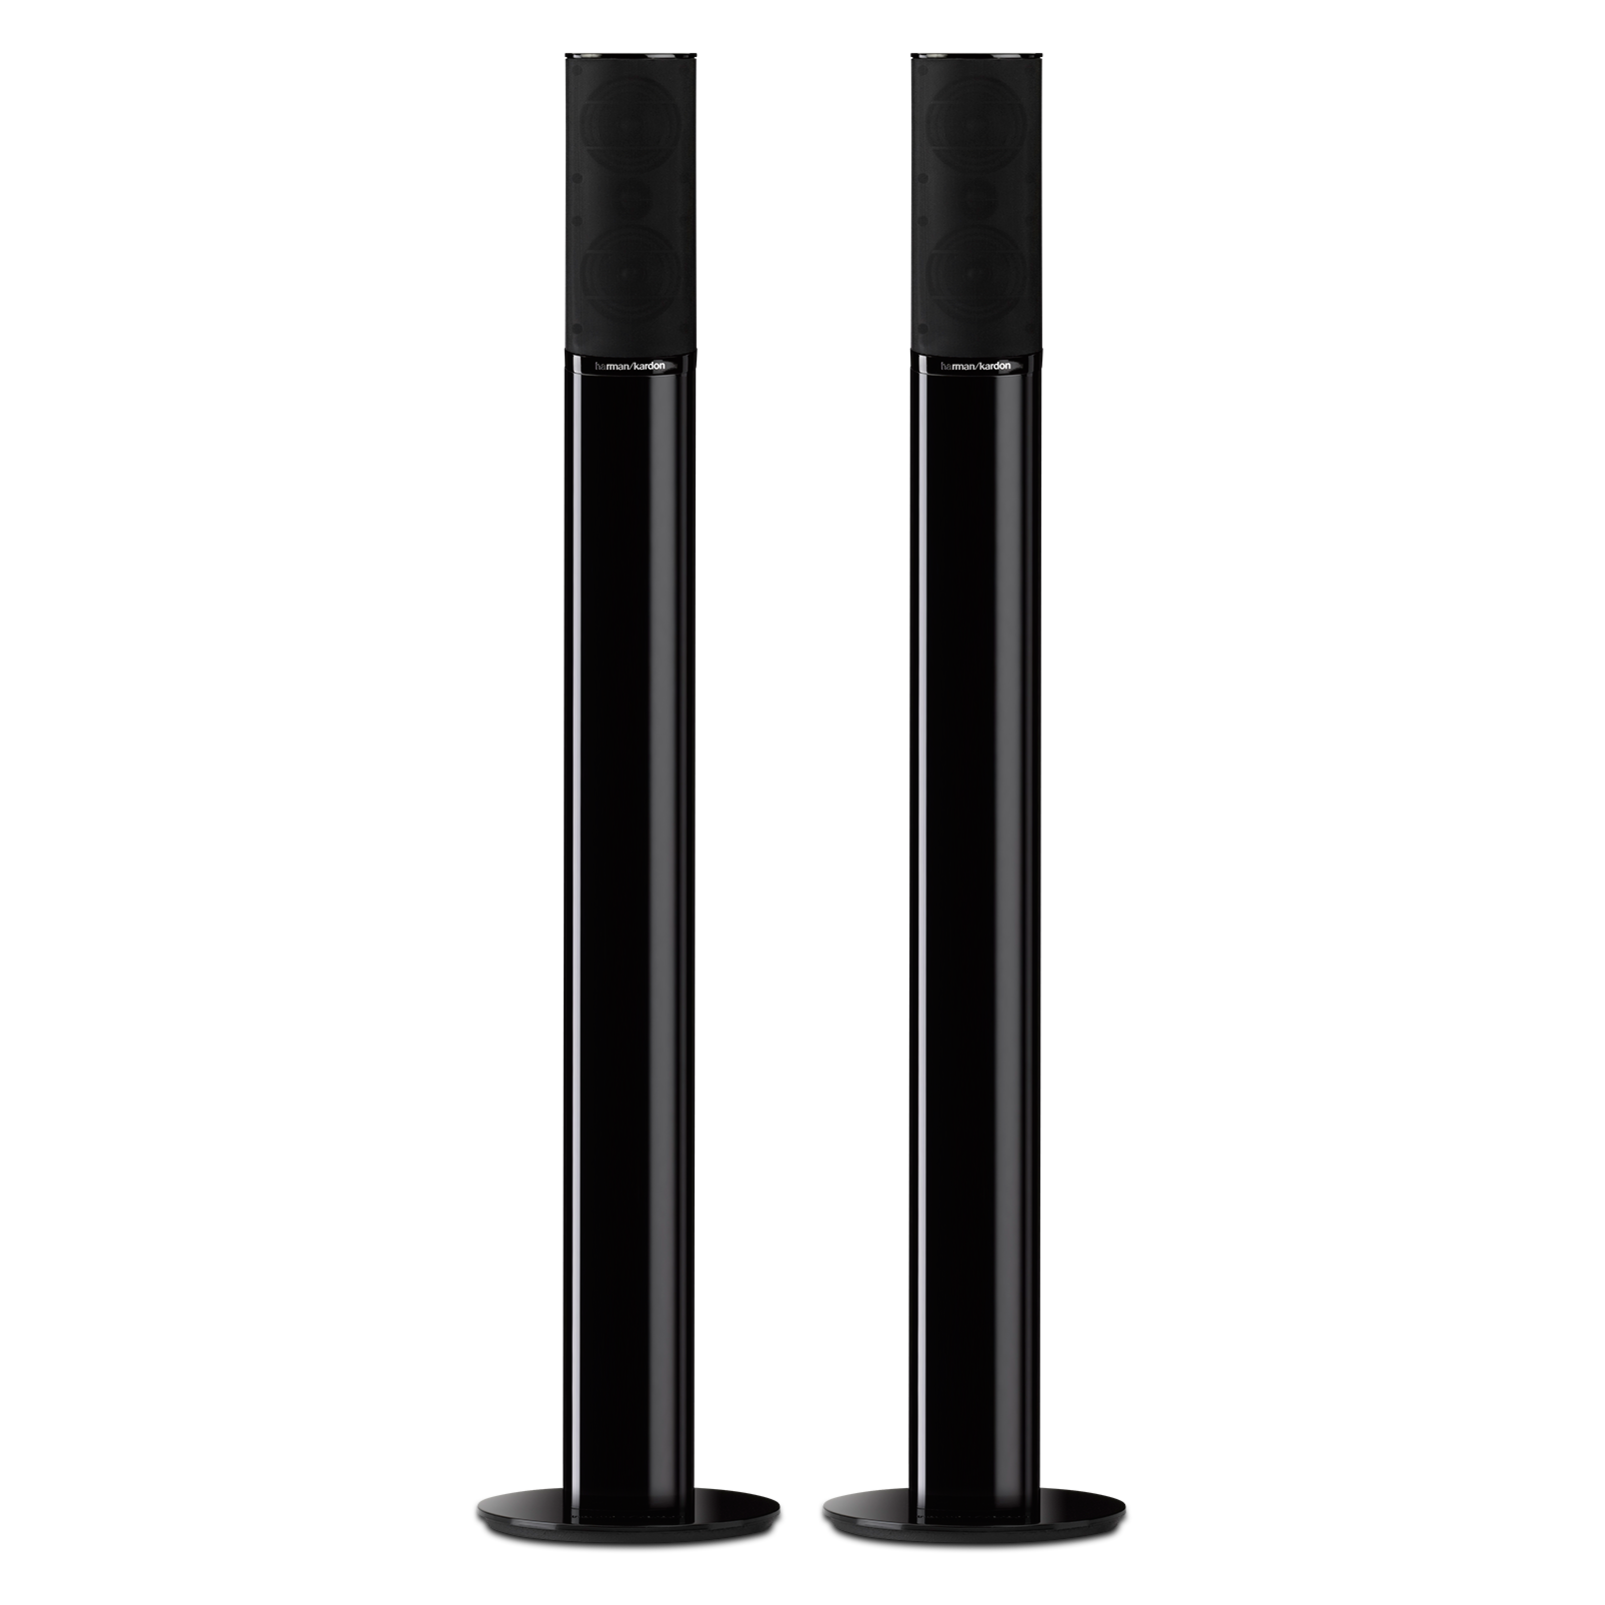 Harman Kardon HTFS 2 Speaker Stands for HTKS 9, HKTS 16 & HKS 4 Satellite Speakers for $50 + Free Shipping